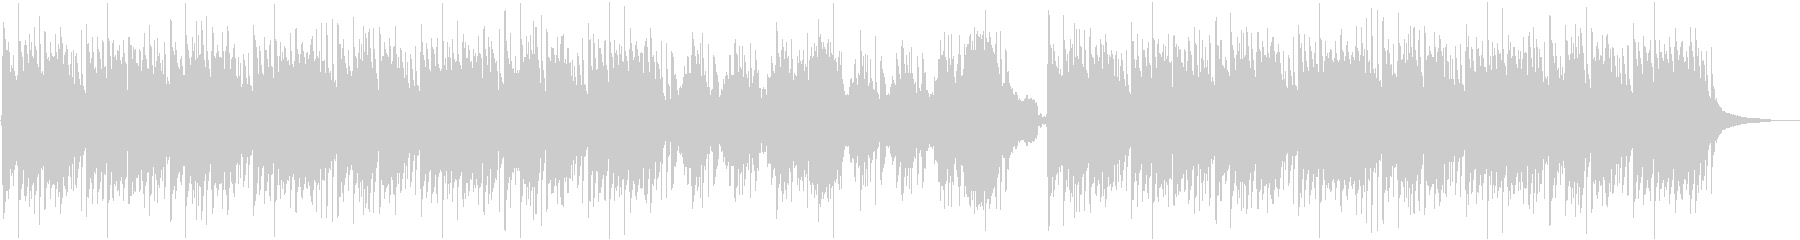 篠笛、琴を使った和風バラードBGMの未再生の波形